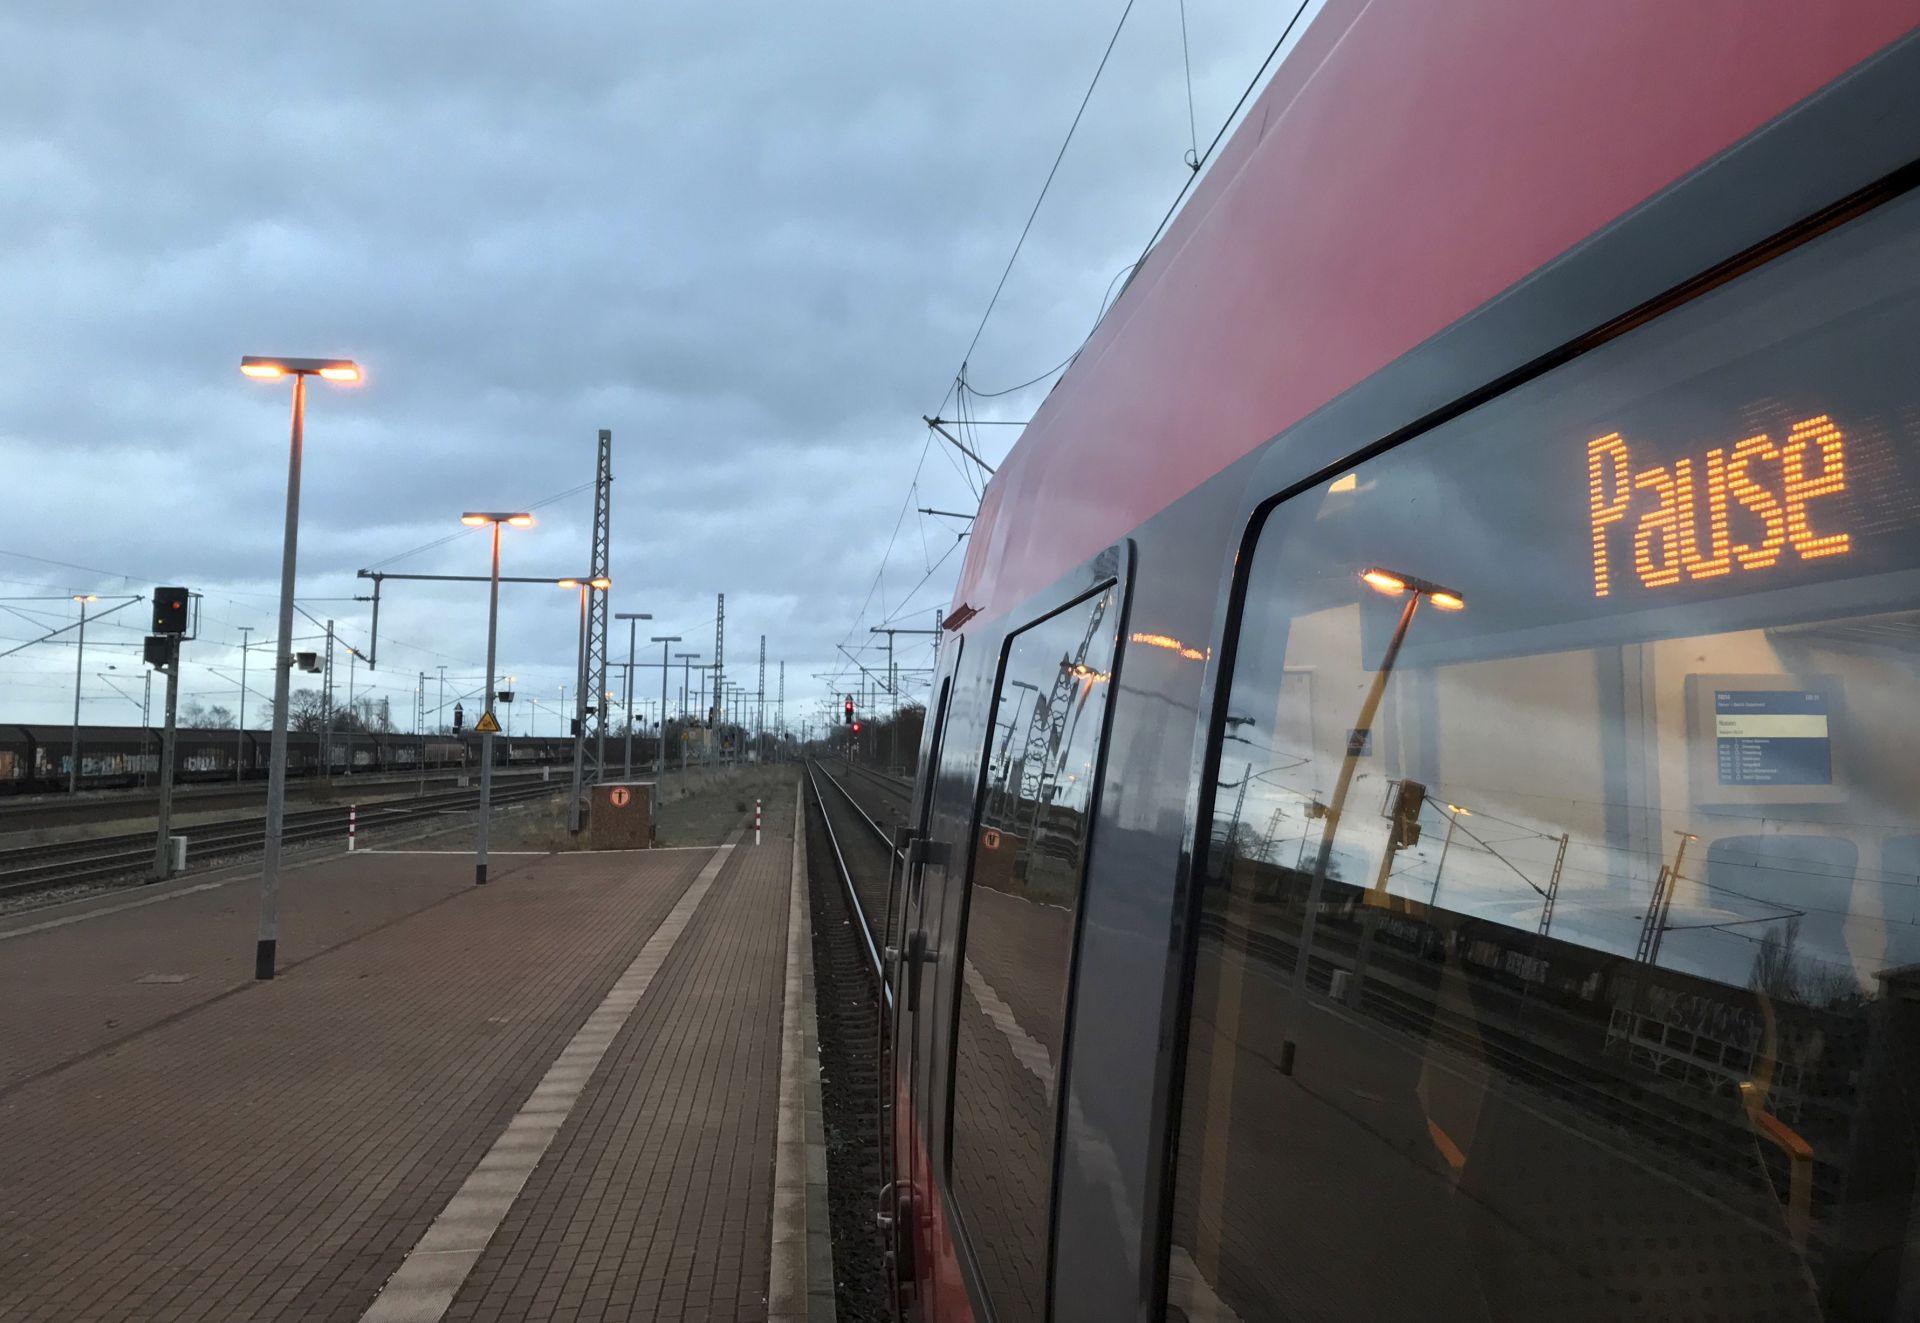 Всички междуградски влакове останаха в депата си тази сутрин, след като членовете на синдиката на заетите в жп транспорта обявиха стачка